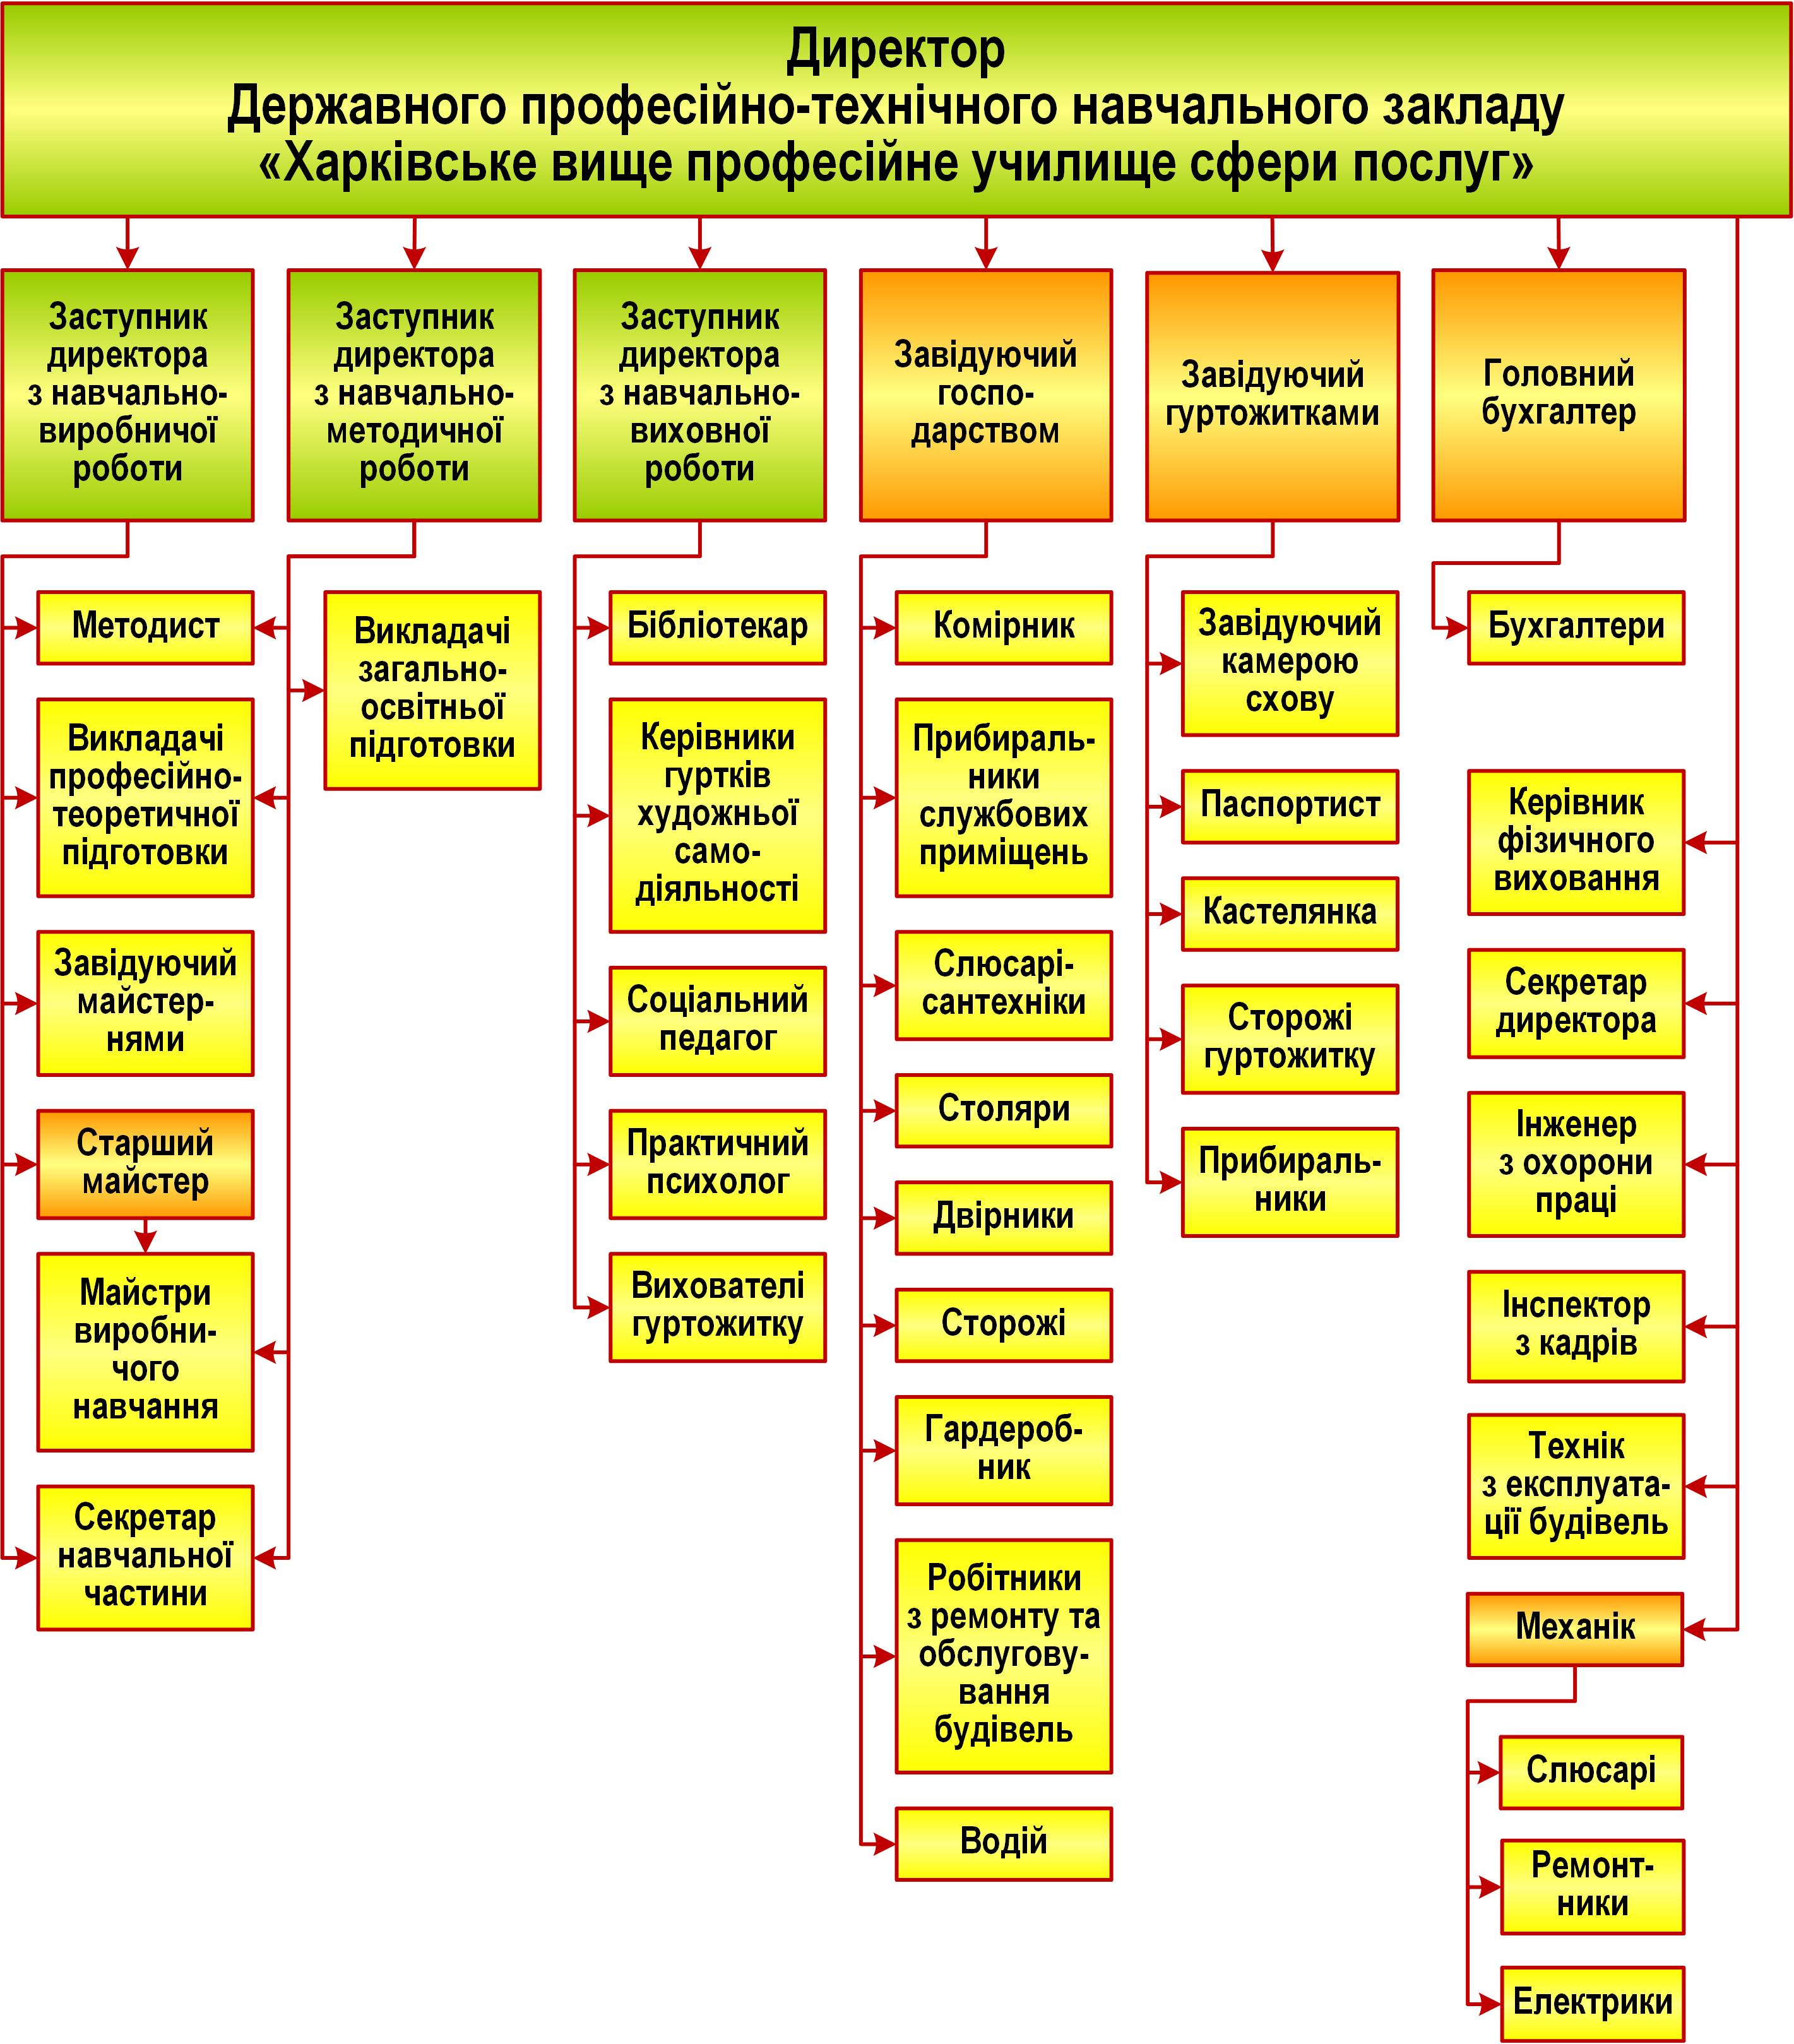 Структурна схема управління ДПТНЗ ХВПУСП_01.09.2018_3 зами